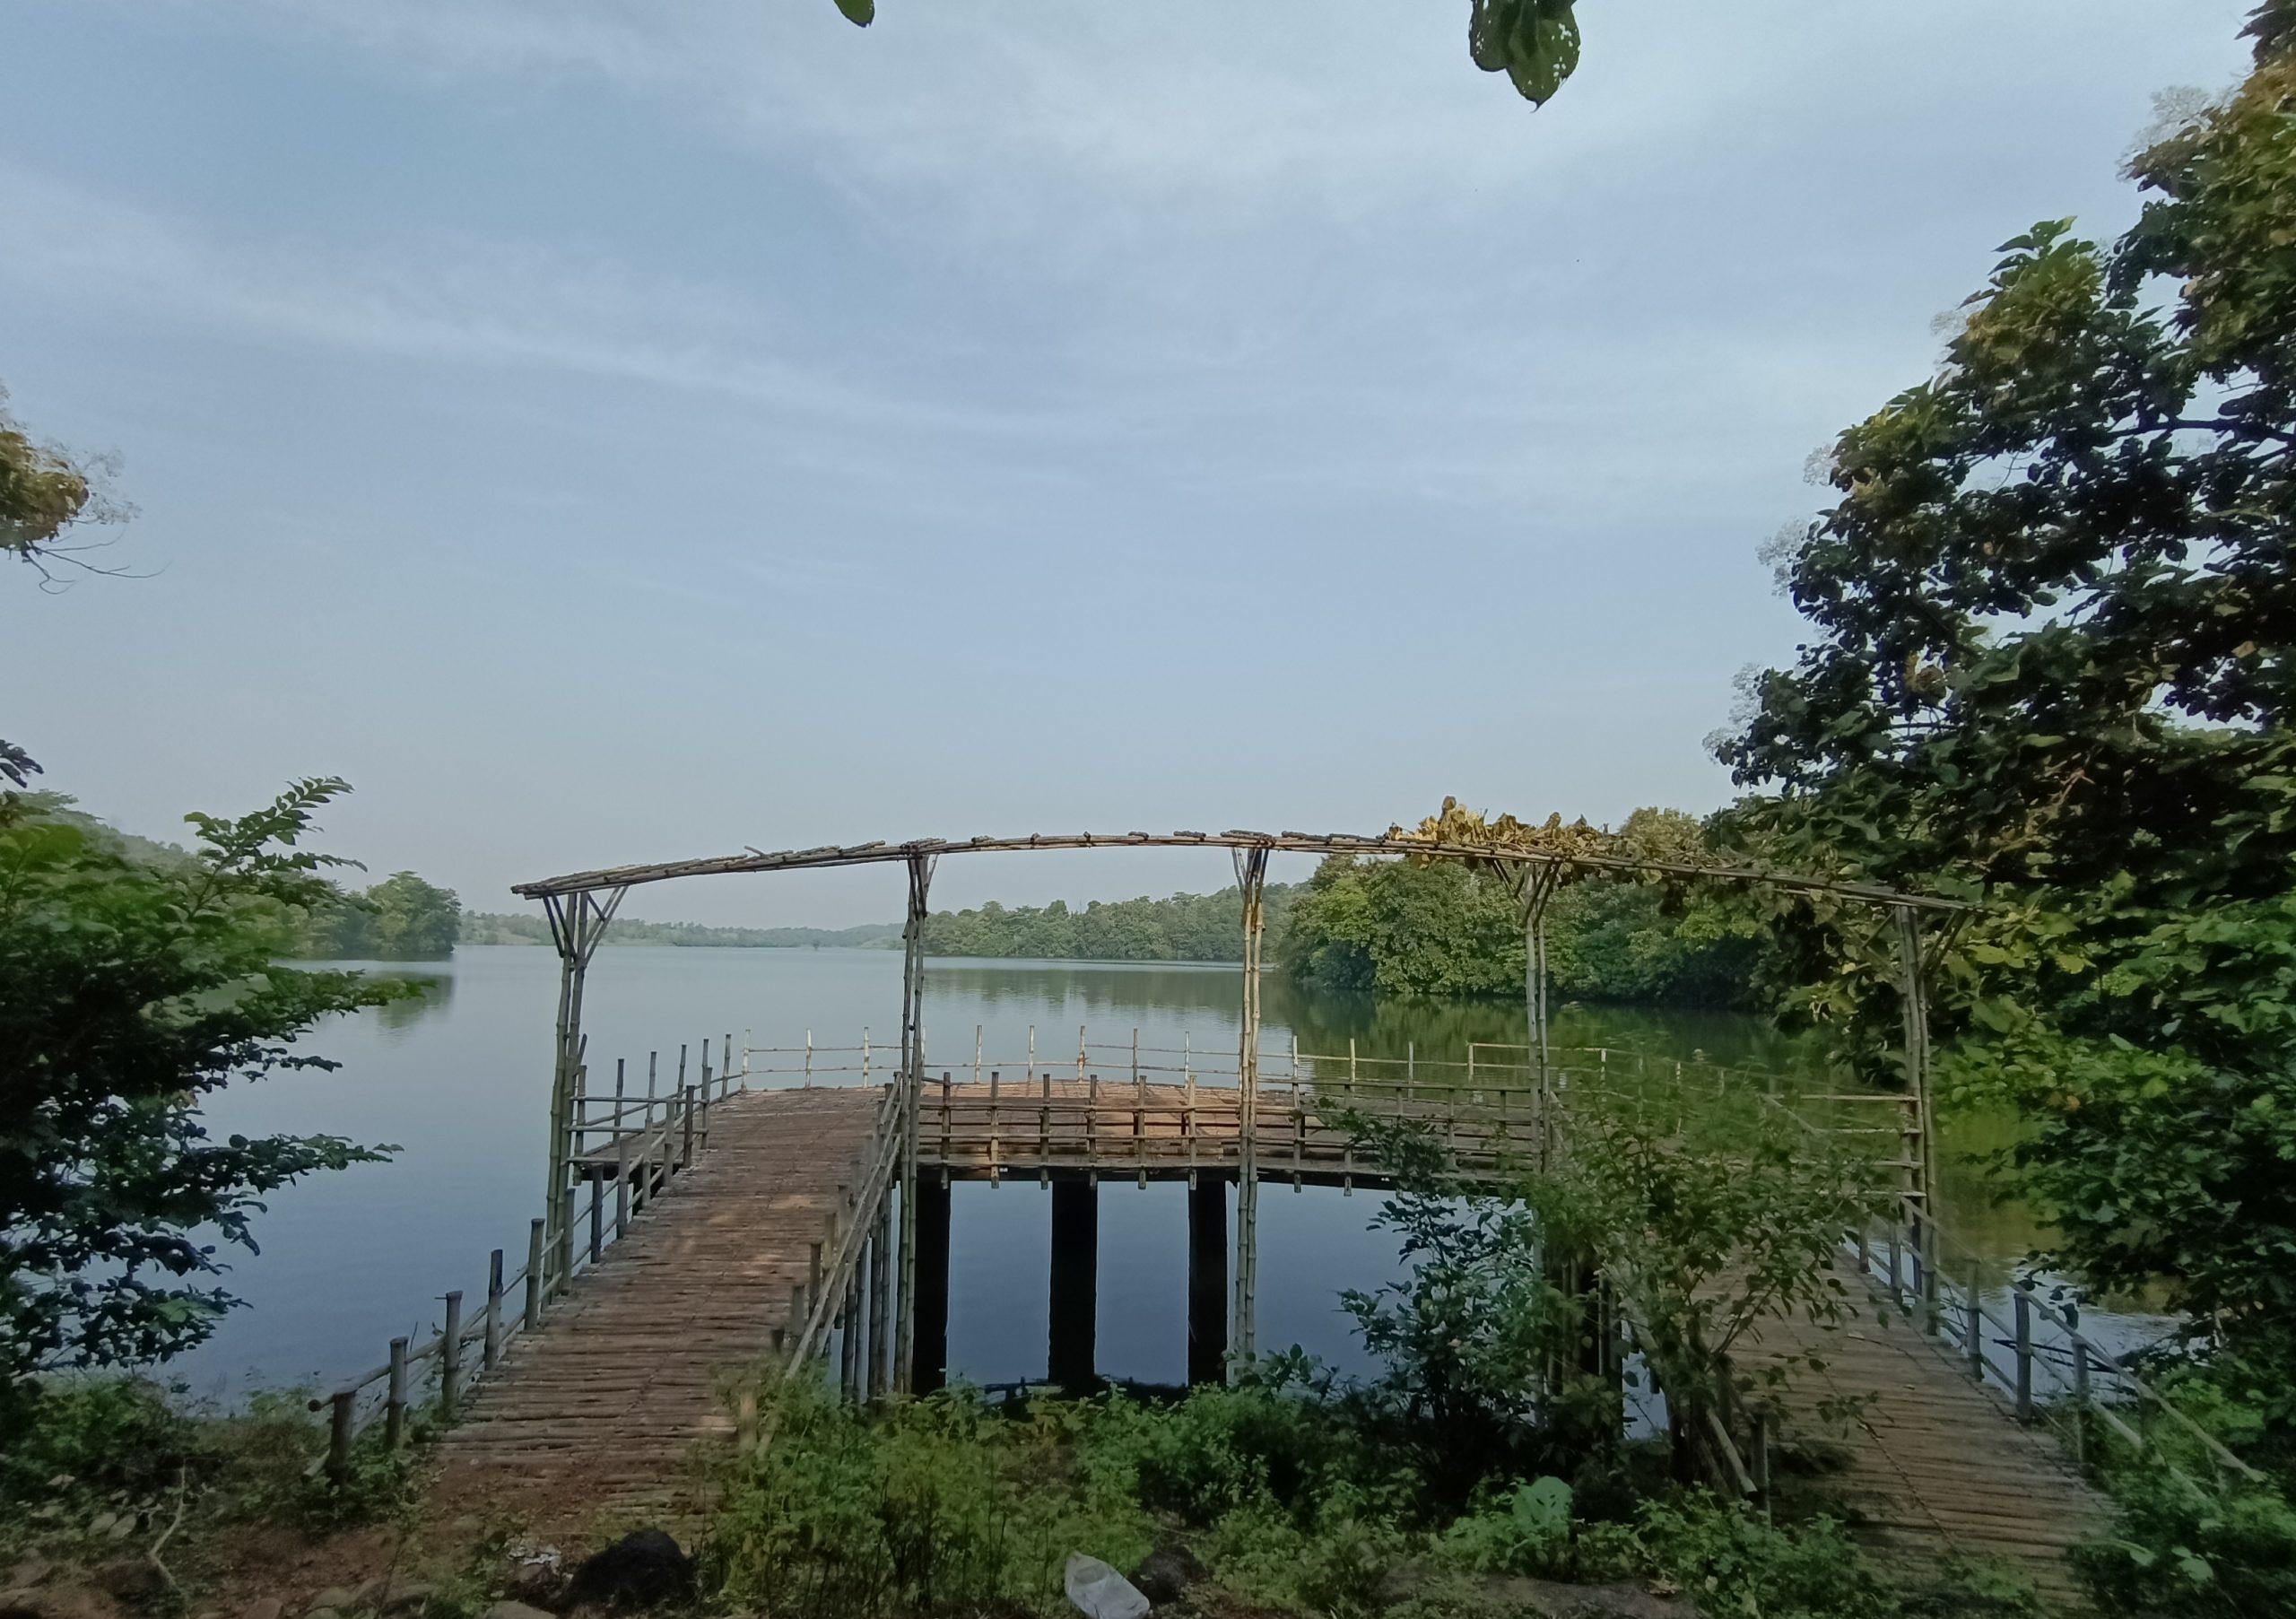 Wooden bridge near lake